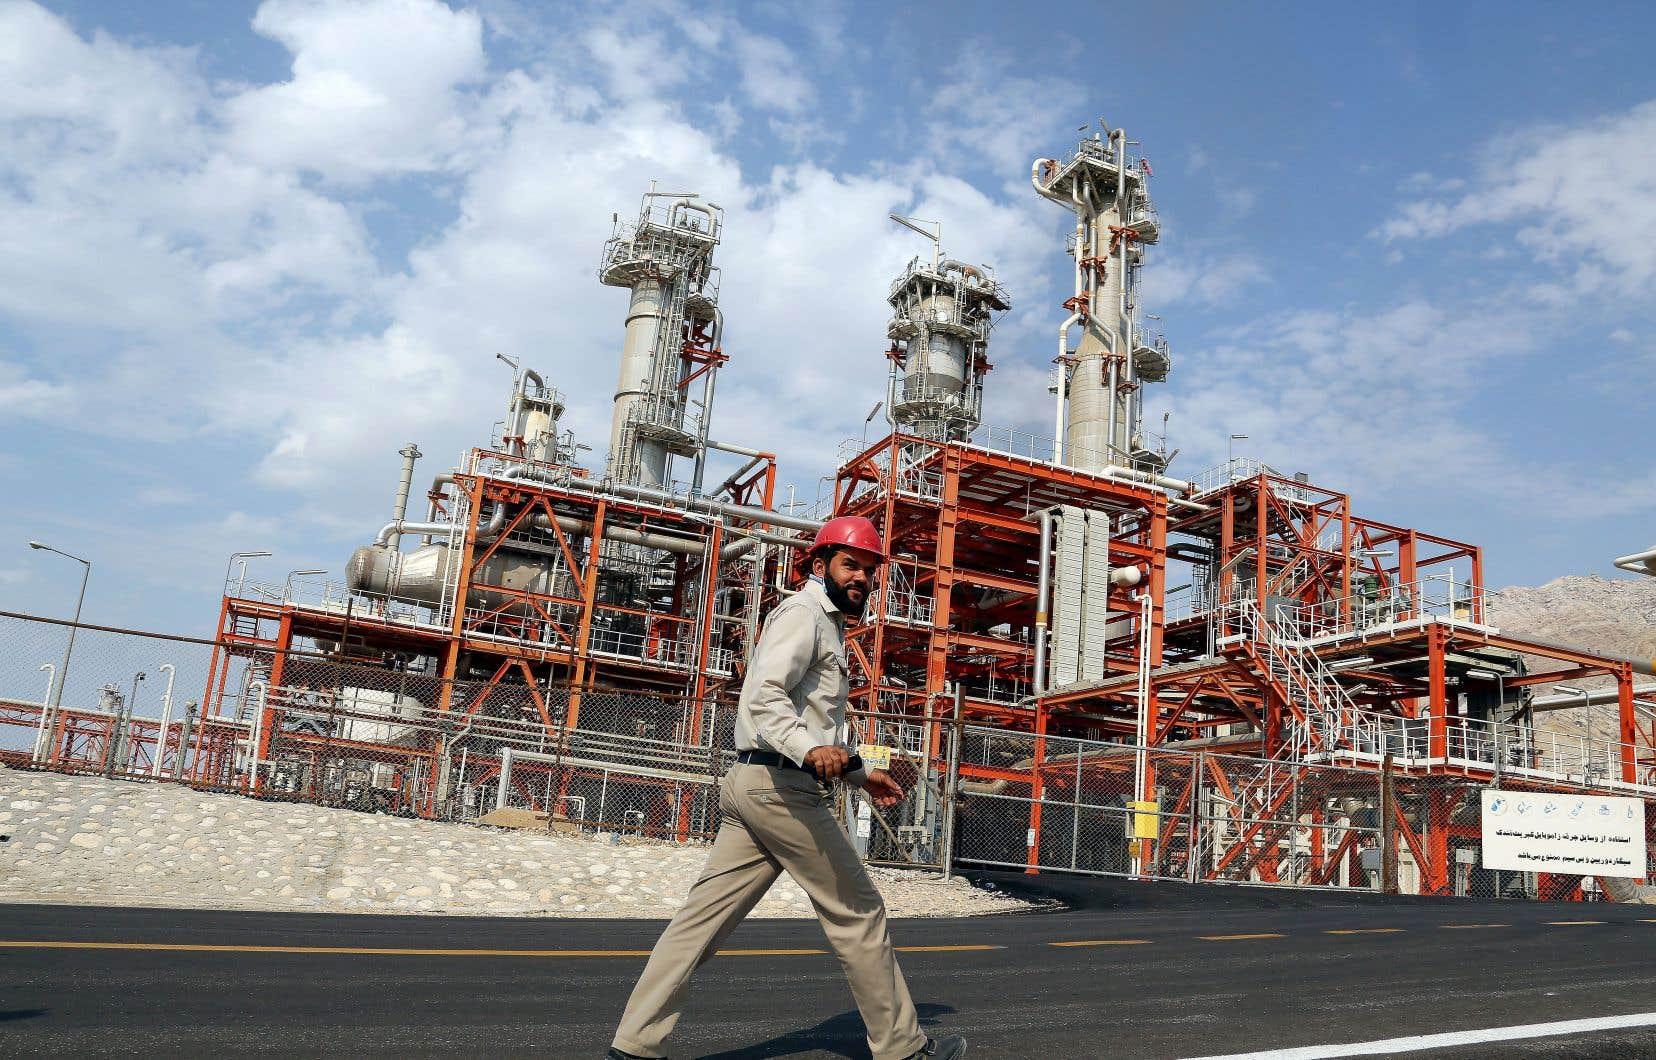 Le maintien de l'offre mondiale pourrait s'avérer très difficile, a averti l'Agence internationale de l'énergie.